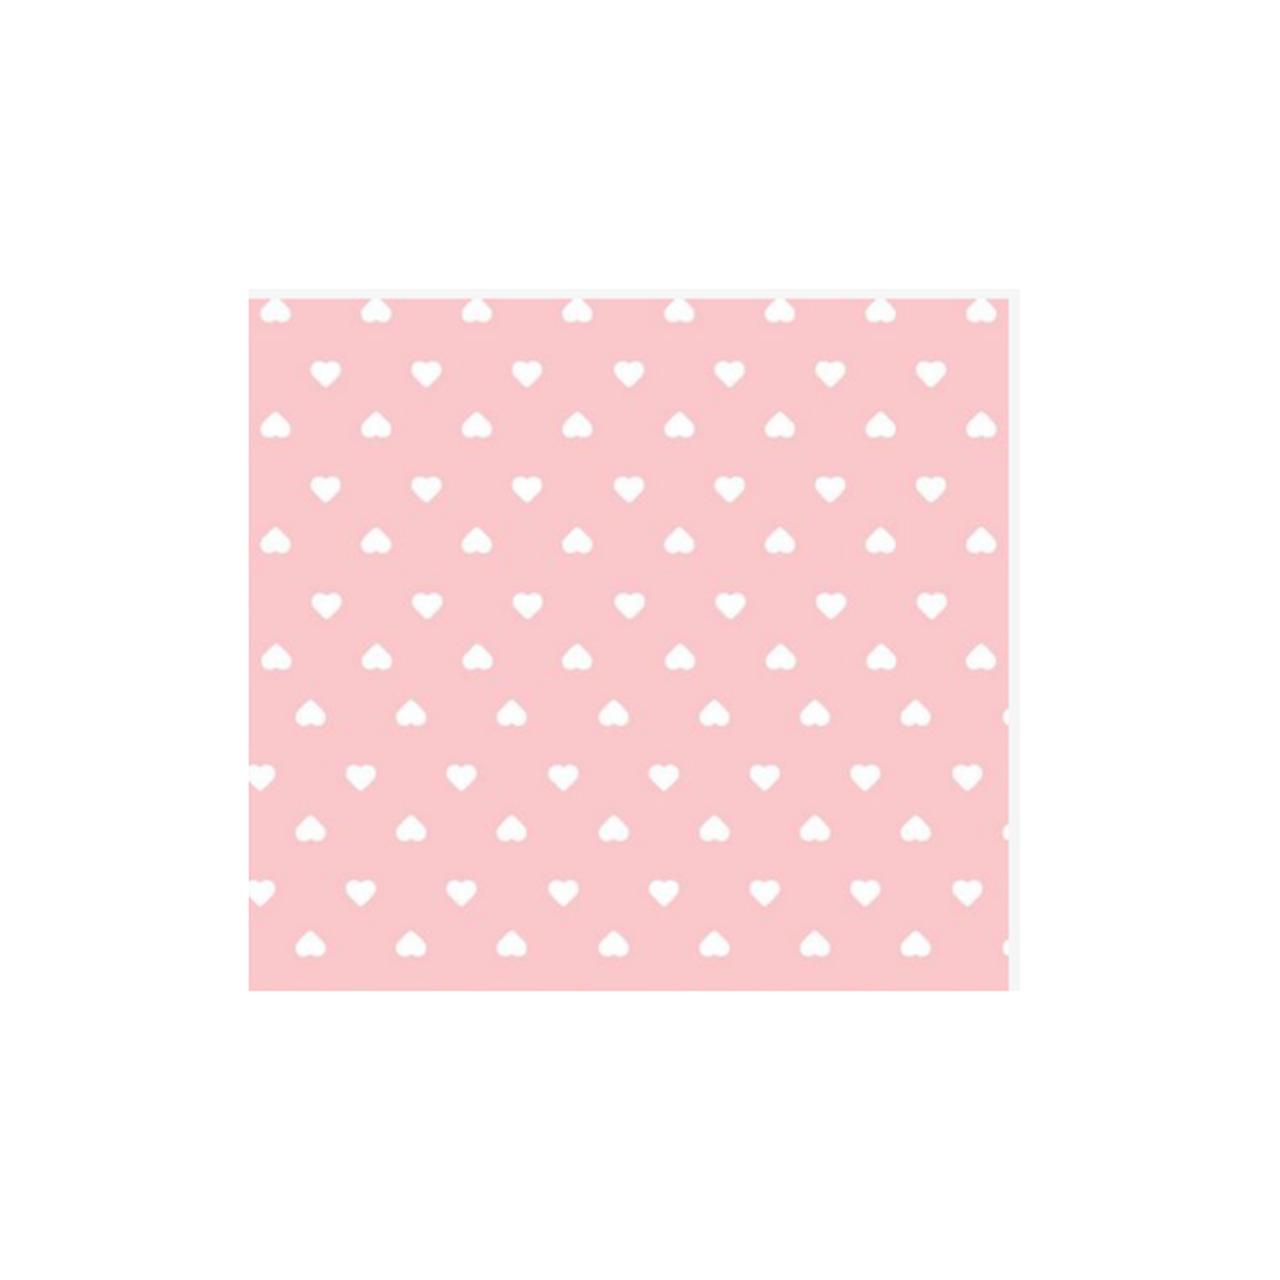 Jogo lençol de elástico solteiro estampa Poá com coração rosa